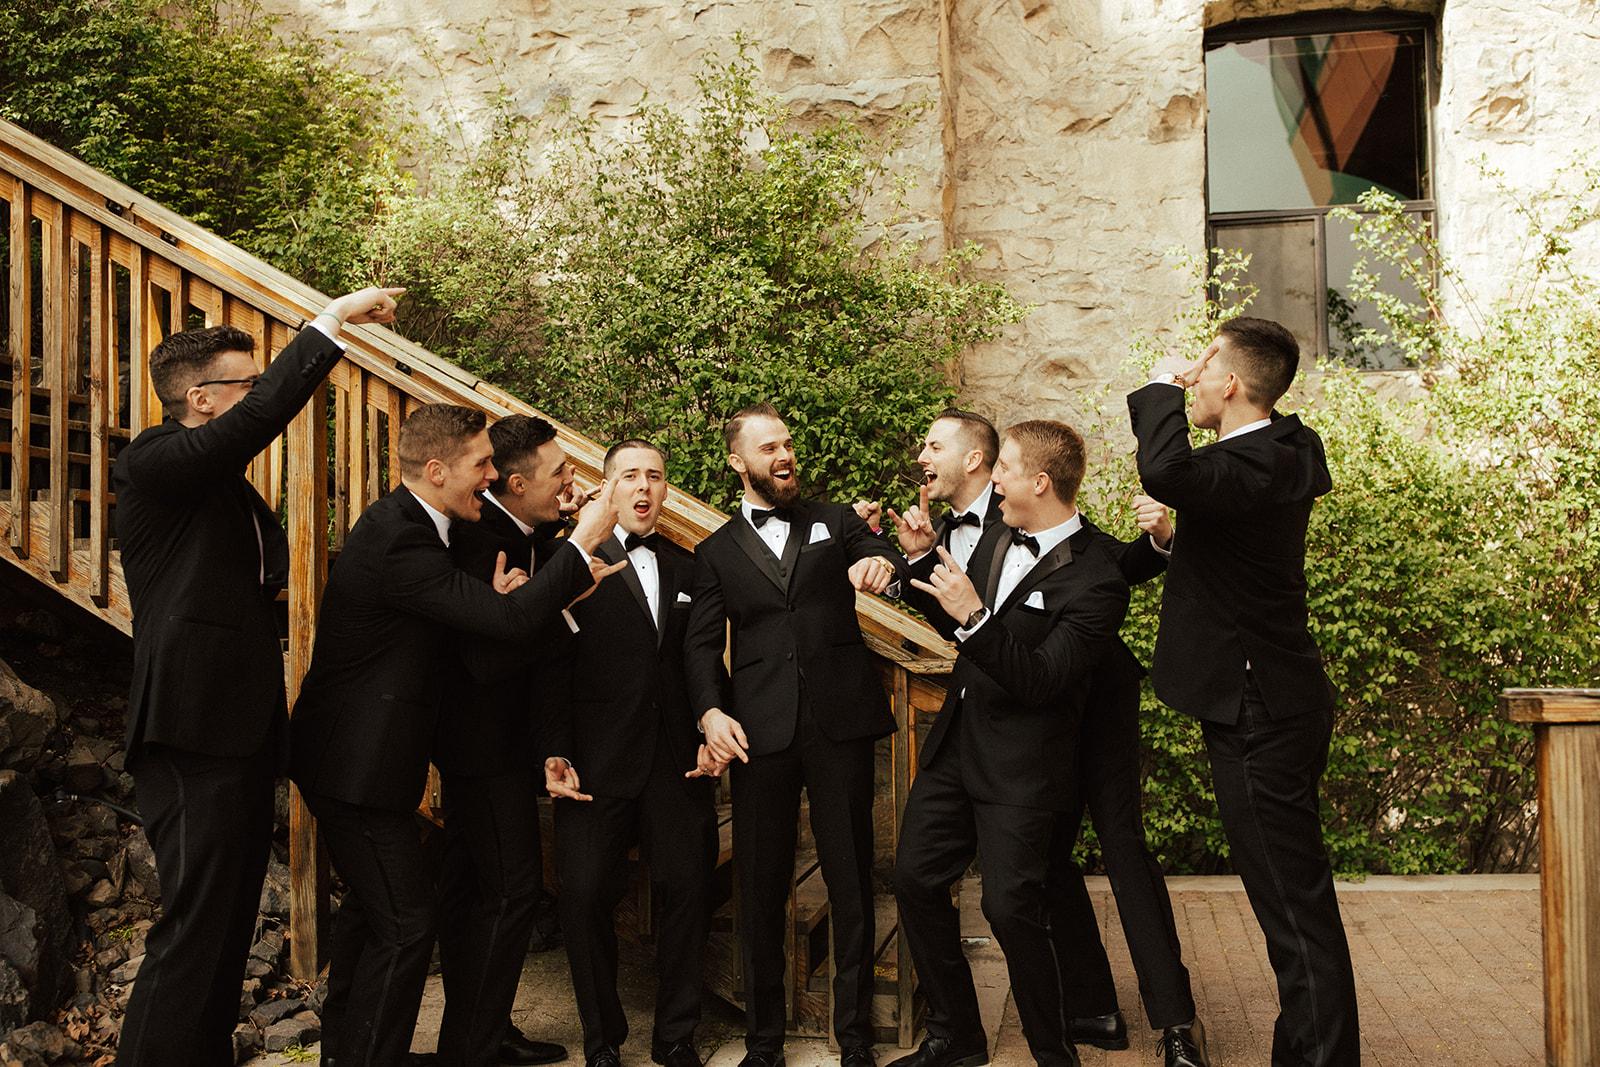 Chateau Rive Spokane Wedding Spokane Blog Dress groomsman